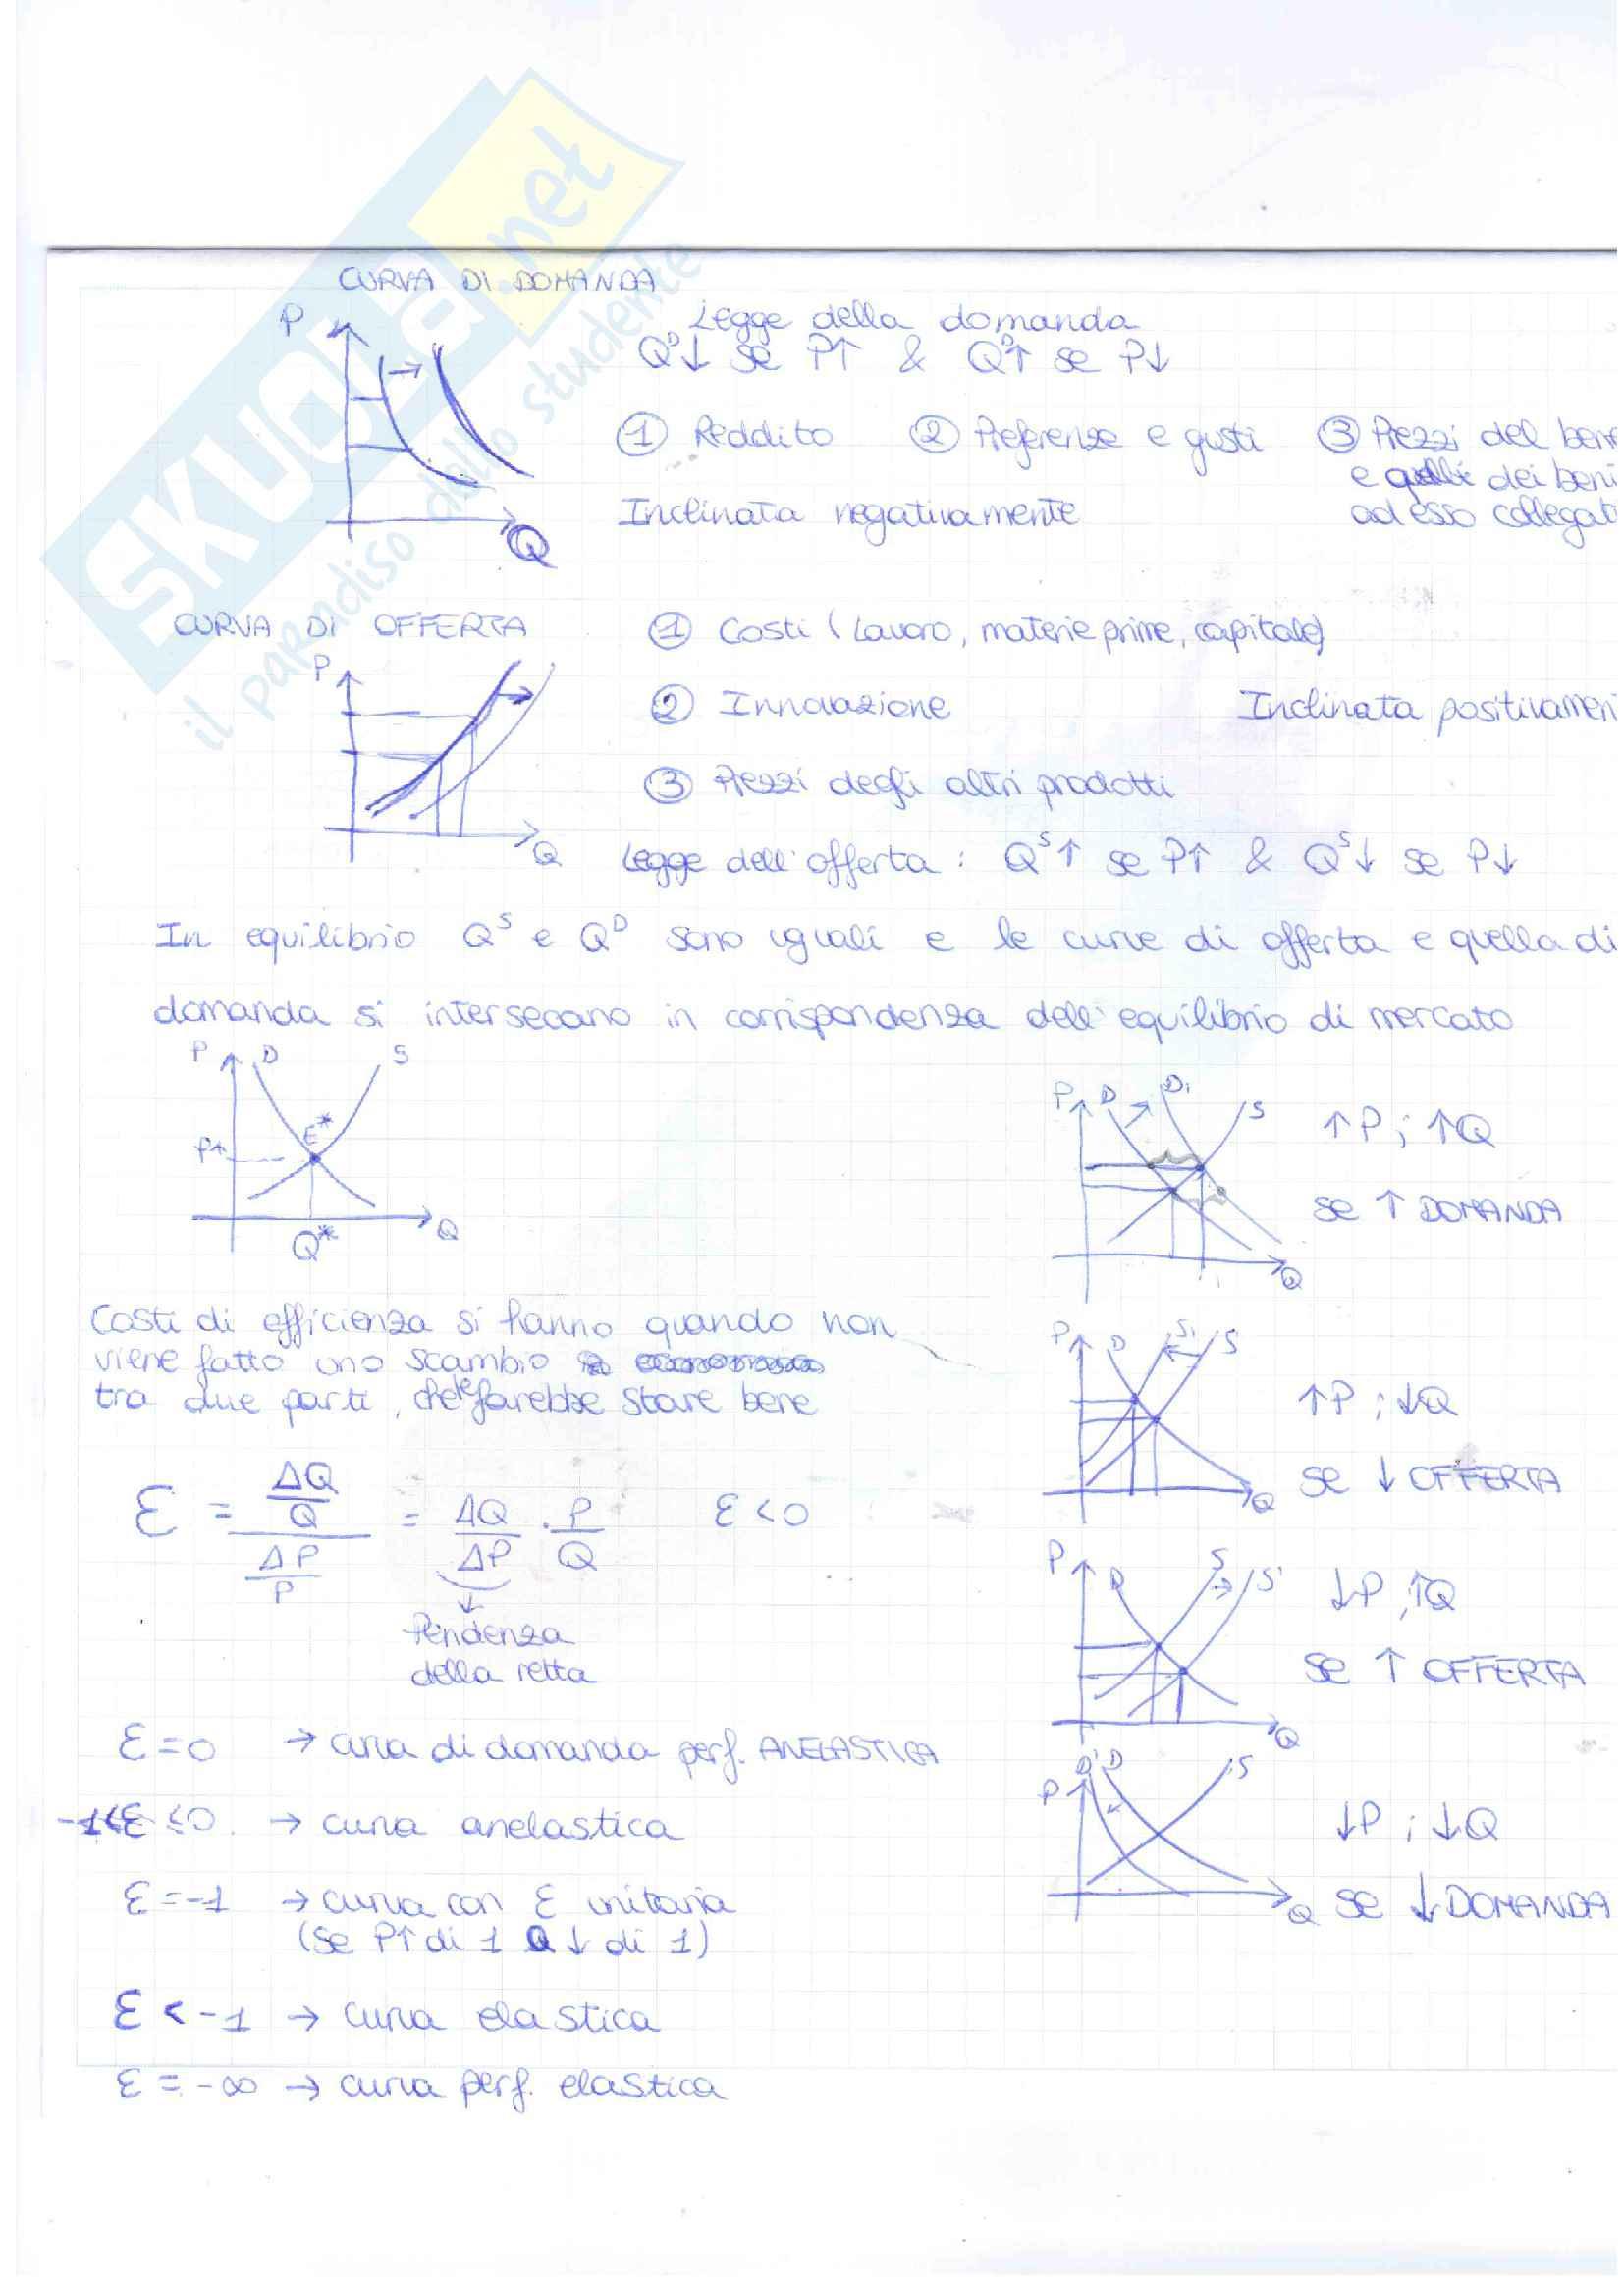 Appunti Microeconomia